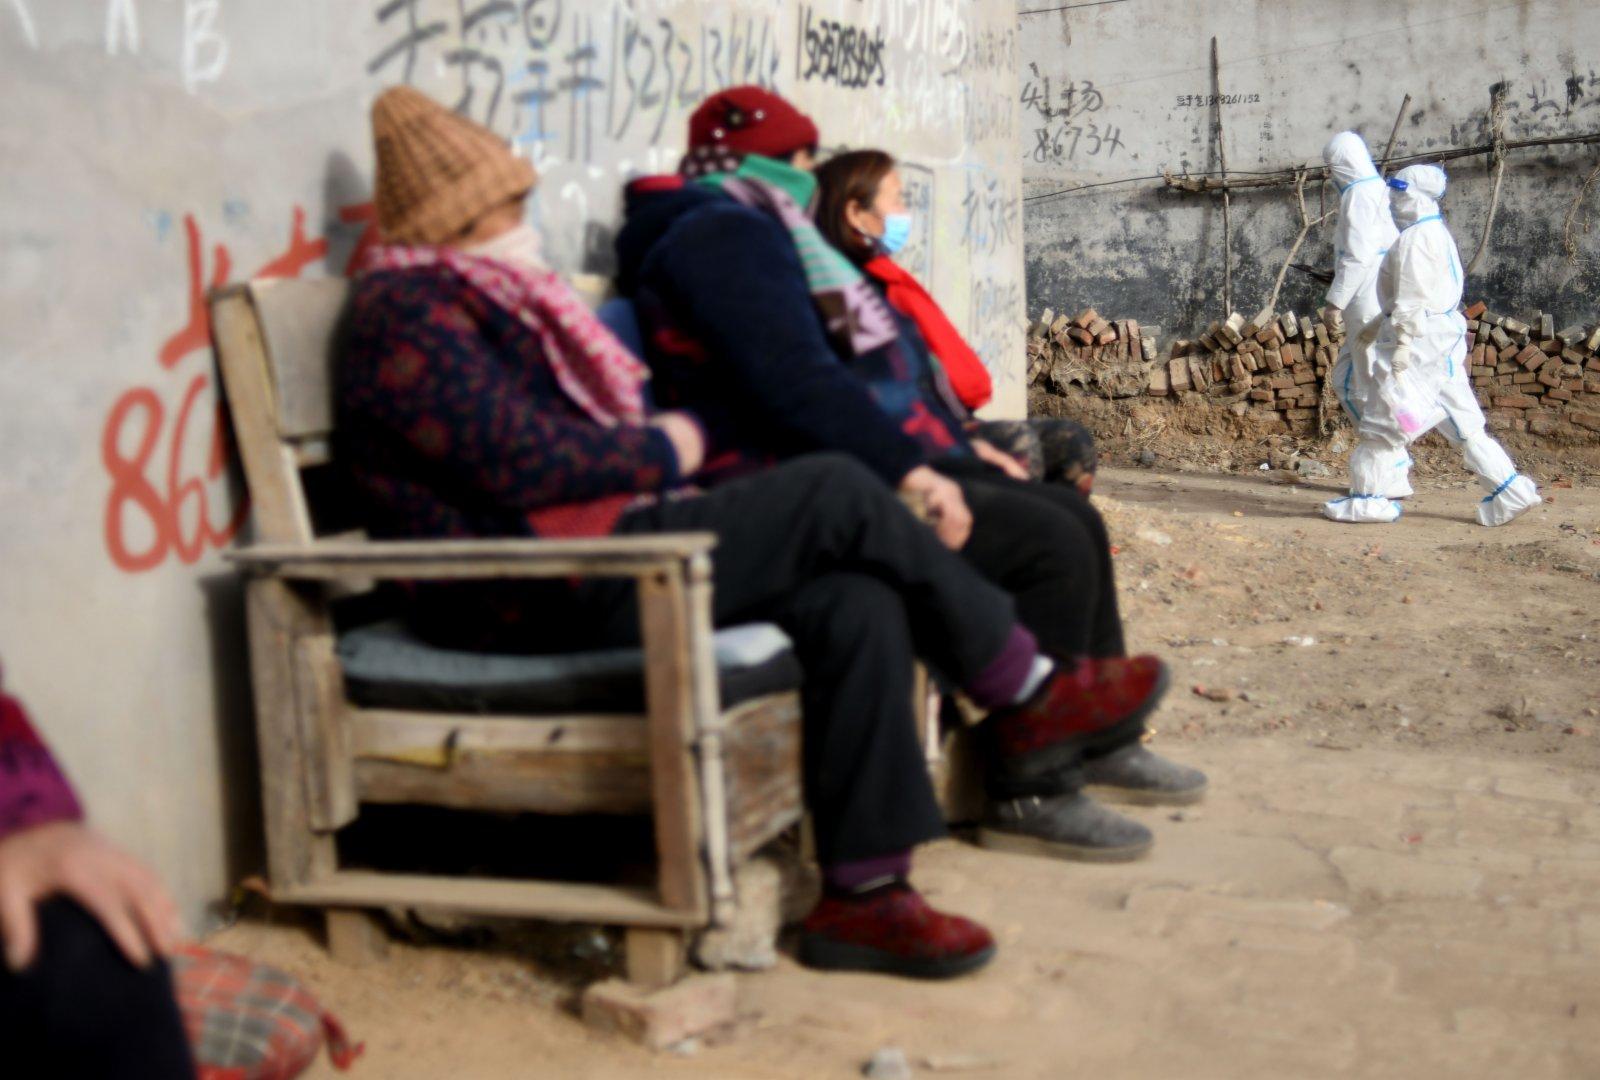 在石家莊市元氏縣使莊村,醫務人員入戶為行動不便的村民進行核酸採樣。(新華社)